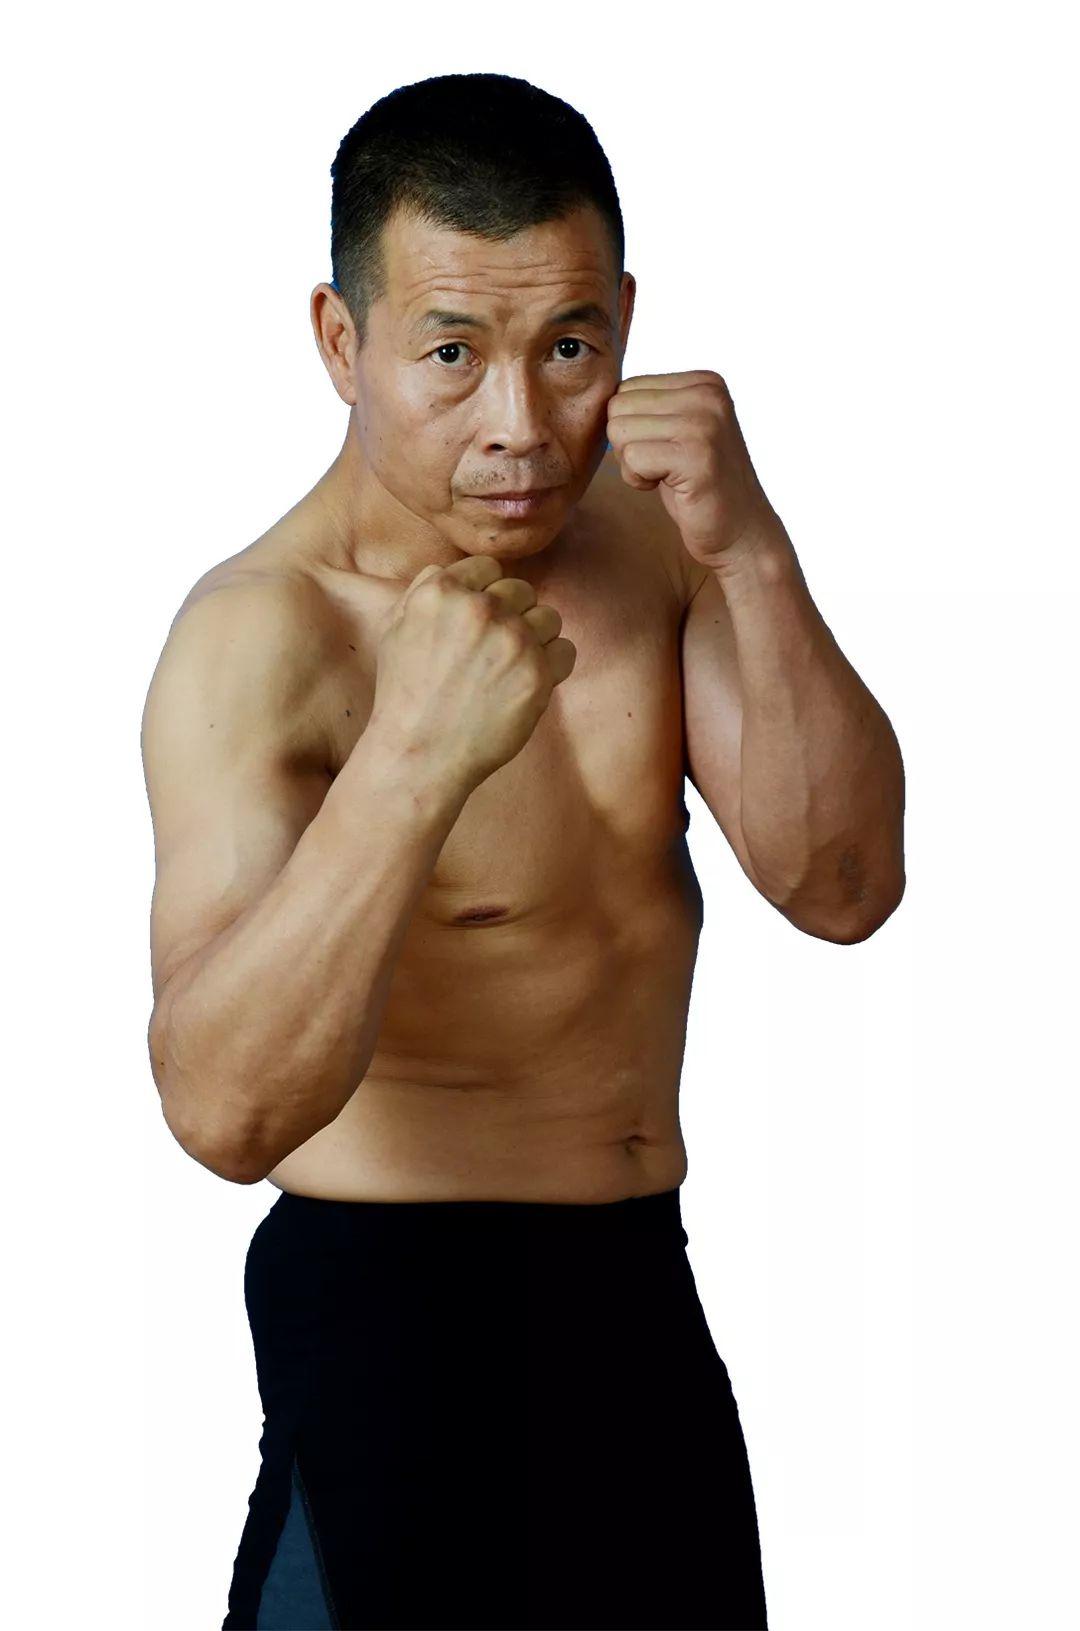 2019年8月3日黄金战士拳王争霸赛 - 直播[视频] 六合拳传人战老外